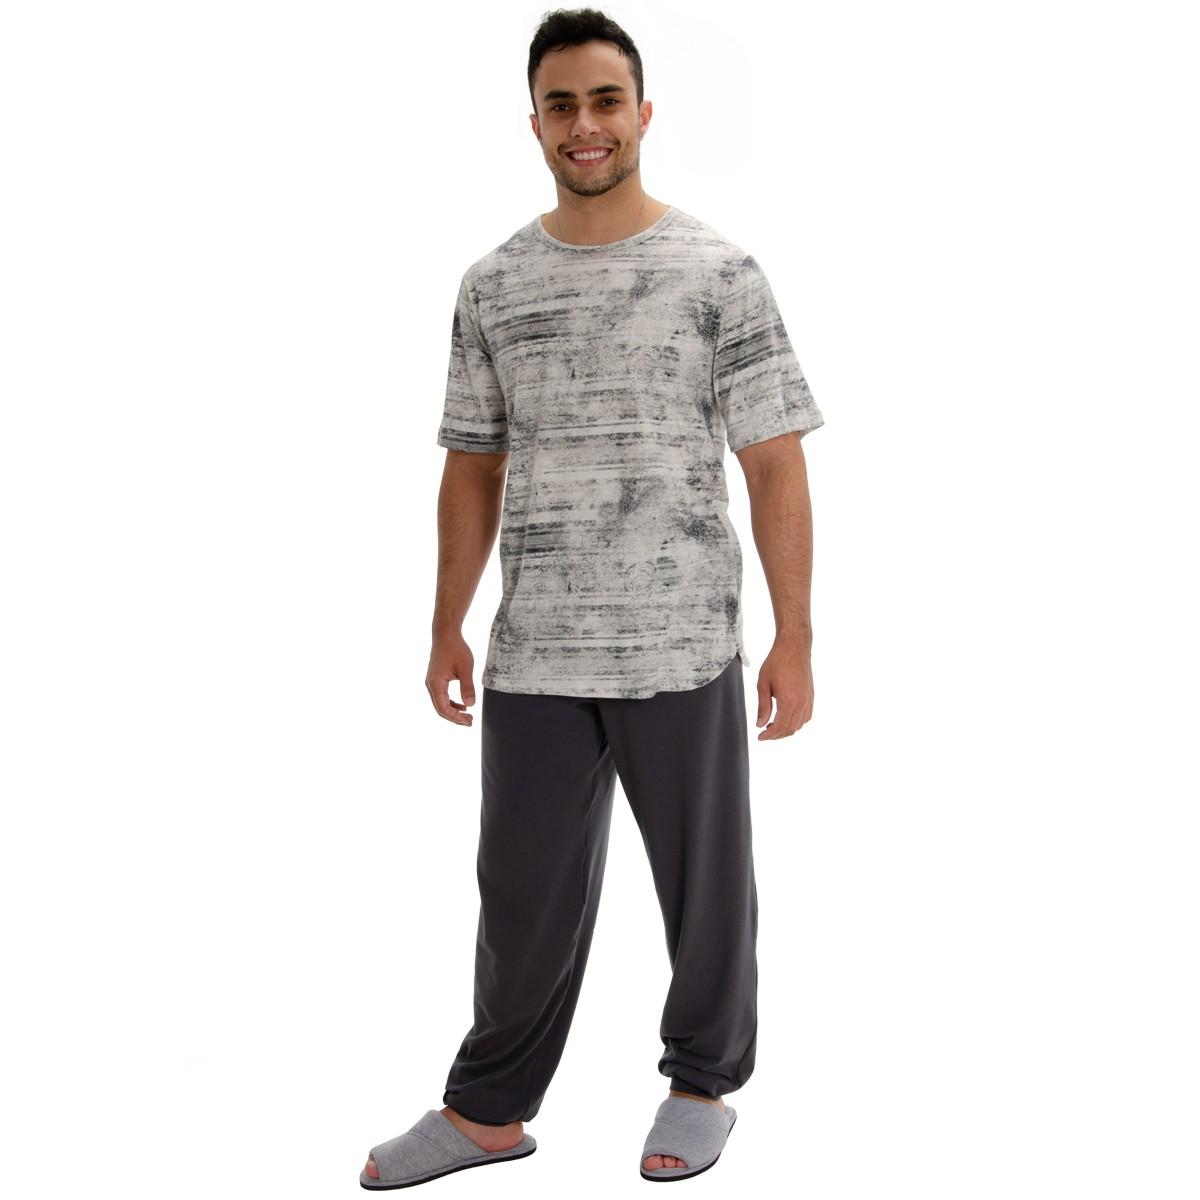 Pijama Masculino Malha Estampada Manga Curta